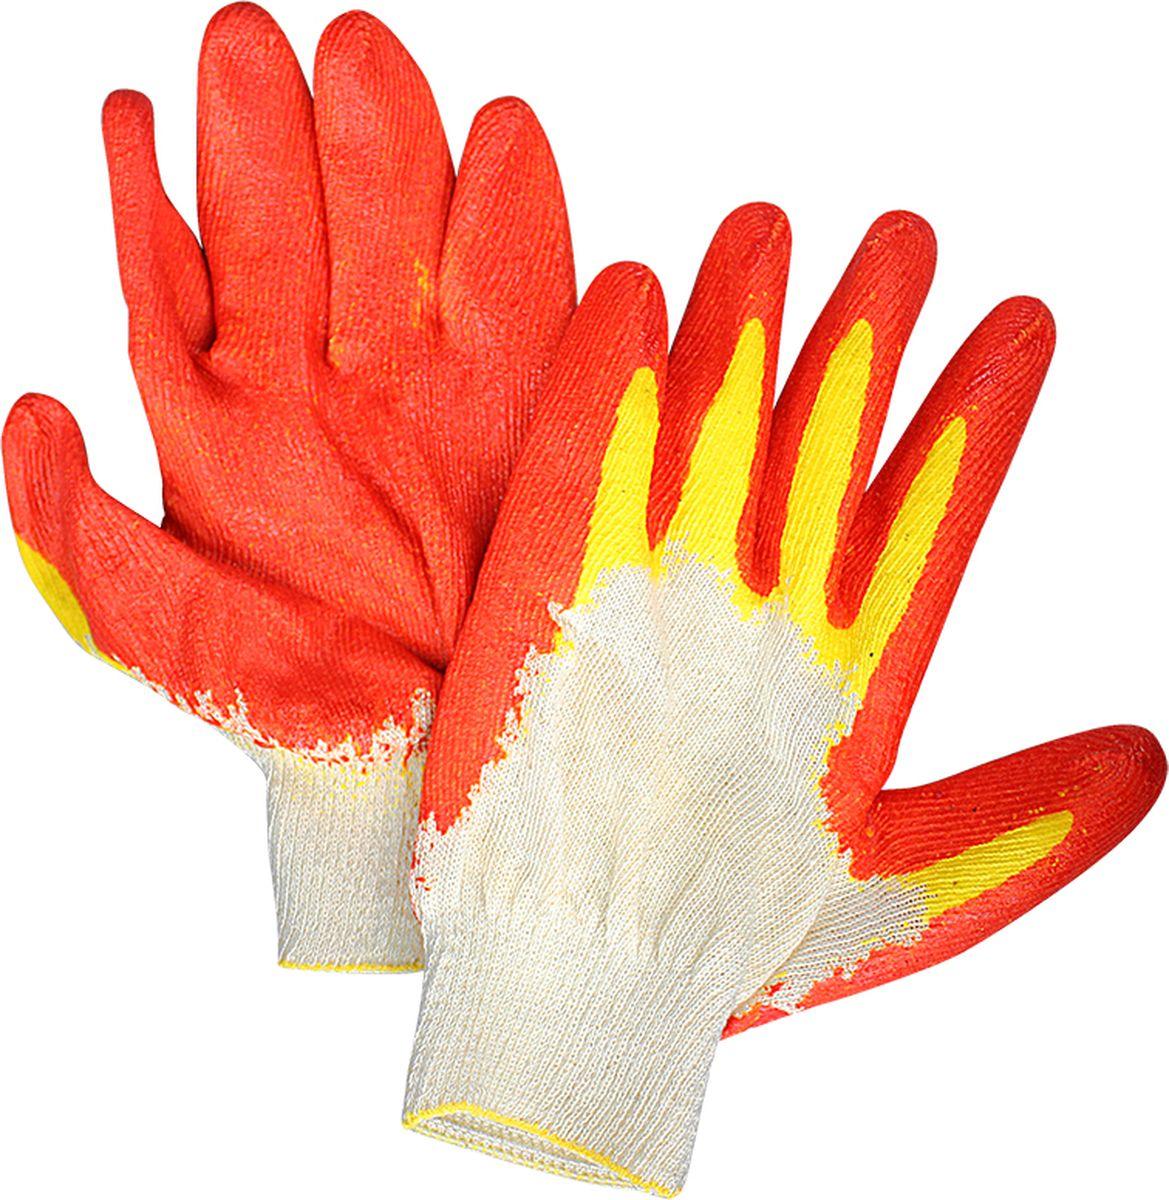 Перчатки Partner, с двойным латексным покрытиемПР038450Крепкие трикотажные перчатки Partner защитят ваши руки гораздо надежнее.Благодаря двойному латексному покрытию рабочие перчатки: - не промокают,- легко очищаются,- не пропускают колючки,- не рвутся даже при активном использовании.Такие перчатки подойдут для работы в саду и огороде, в гараже и на производстве, а также станут незаменимым помощником для проведения строительных и ремонтных работ.